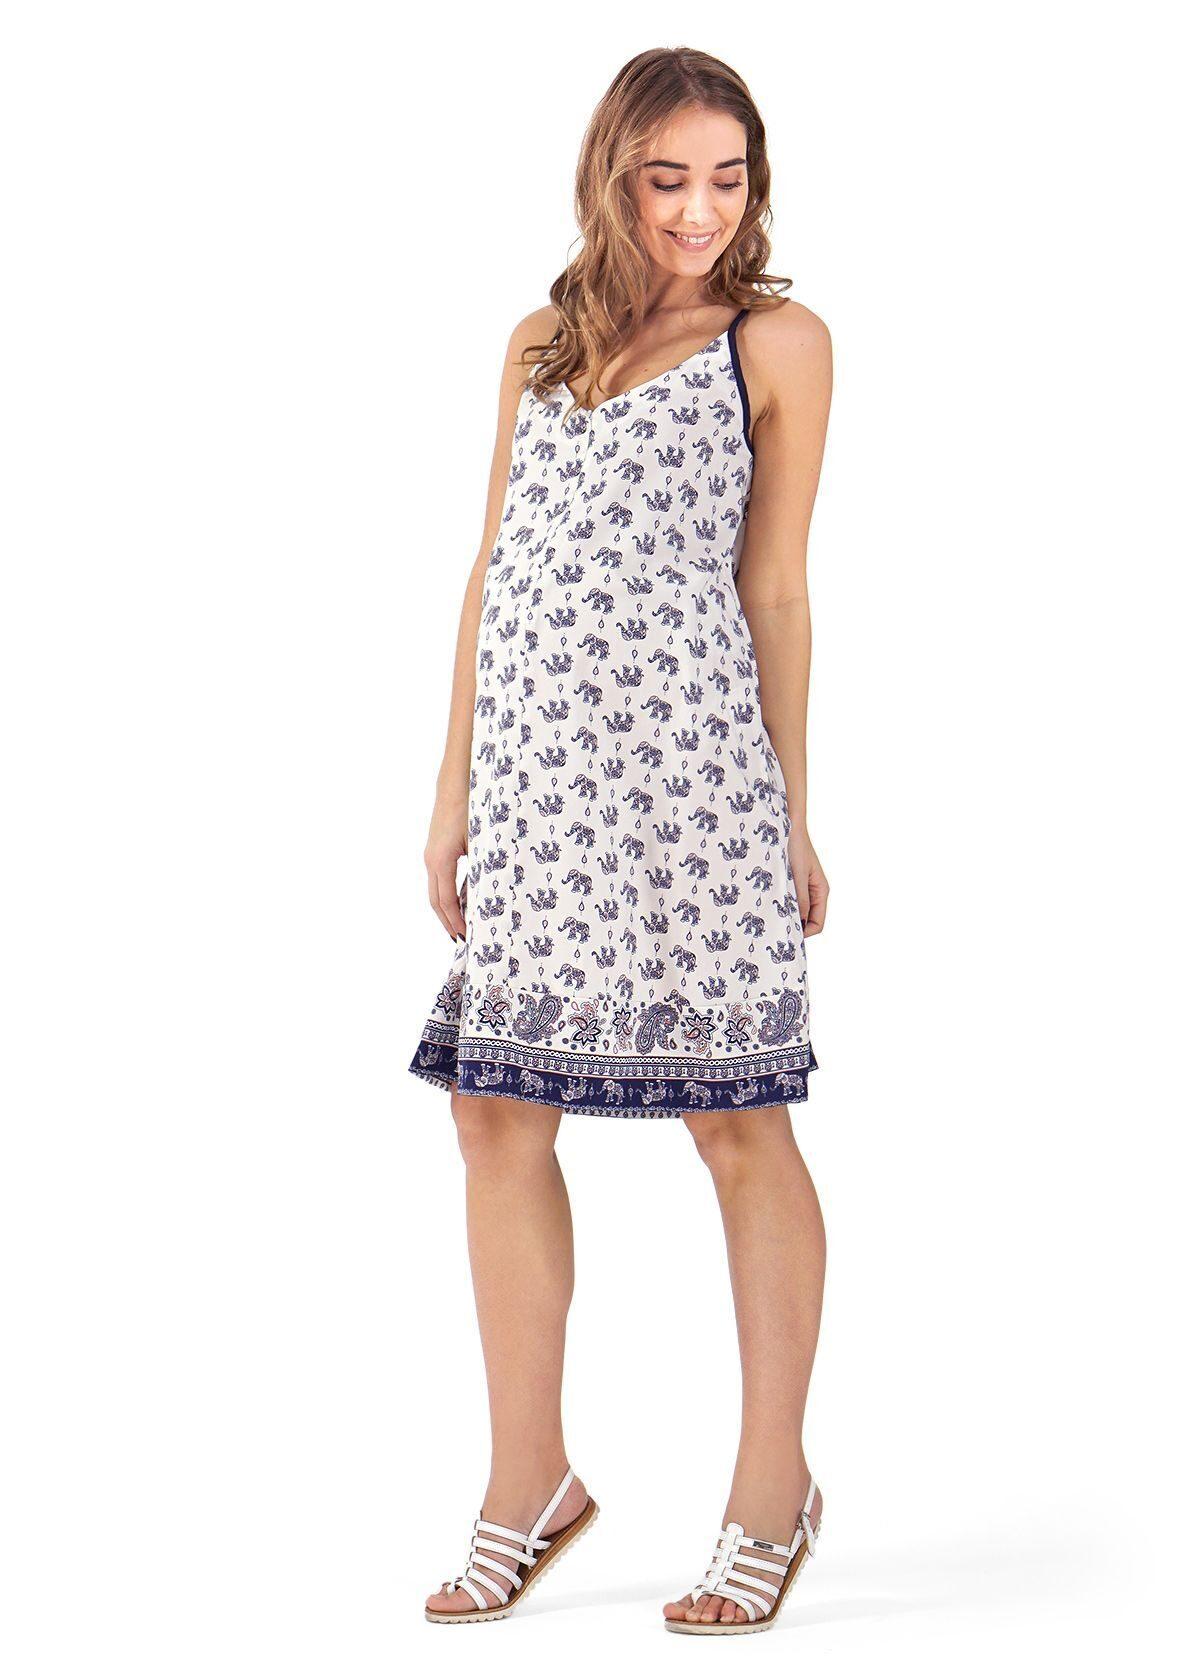 Купить одежду для беременных дешево доставка